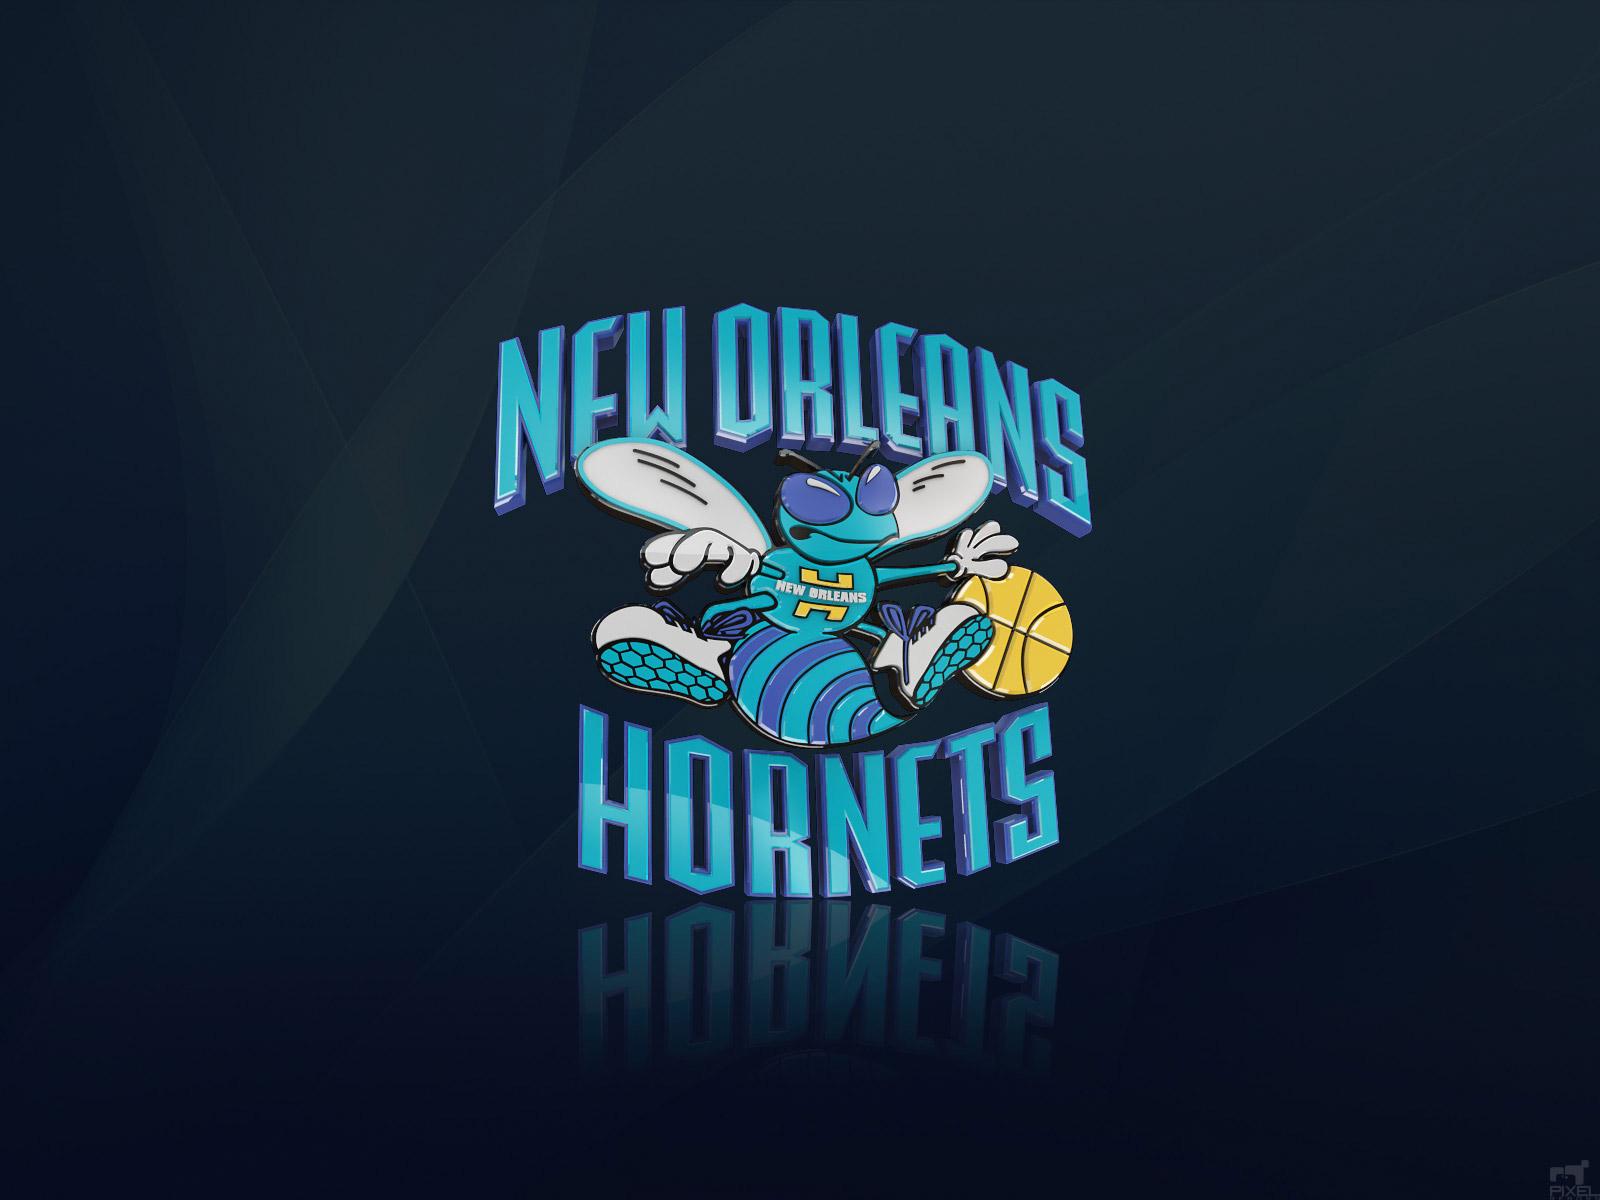 New Orleans Hornets 3D Logo Wallpaper